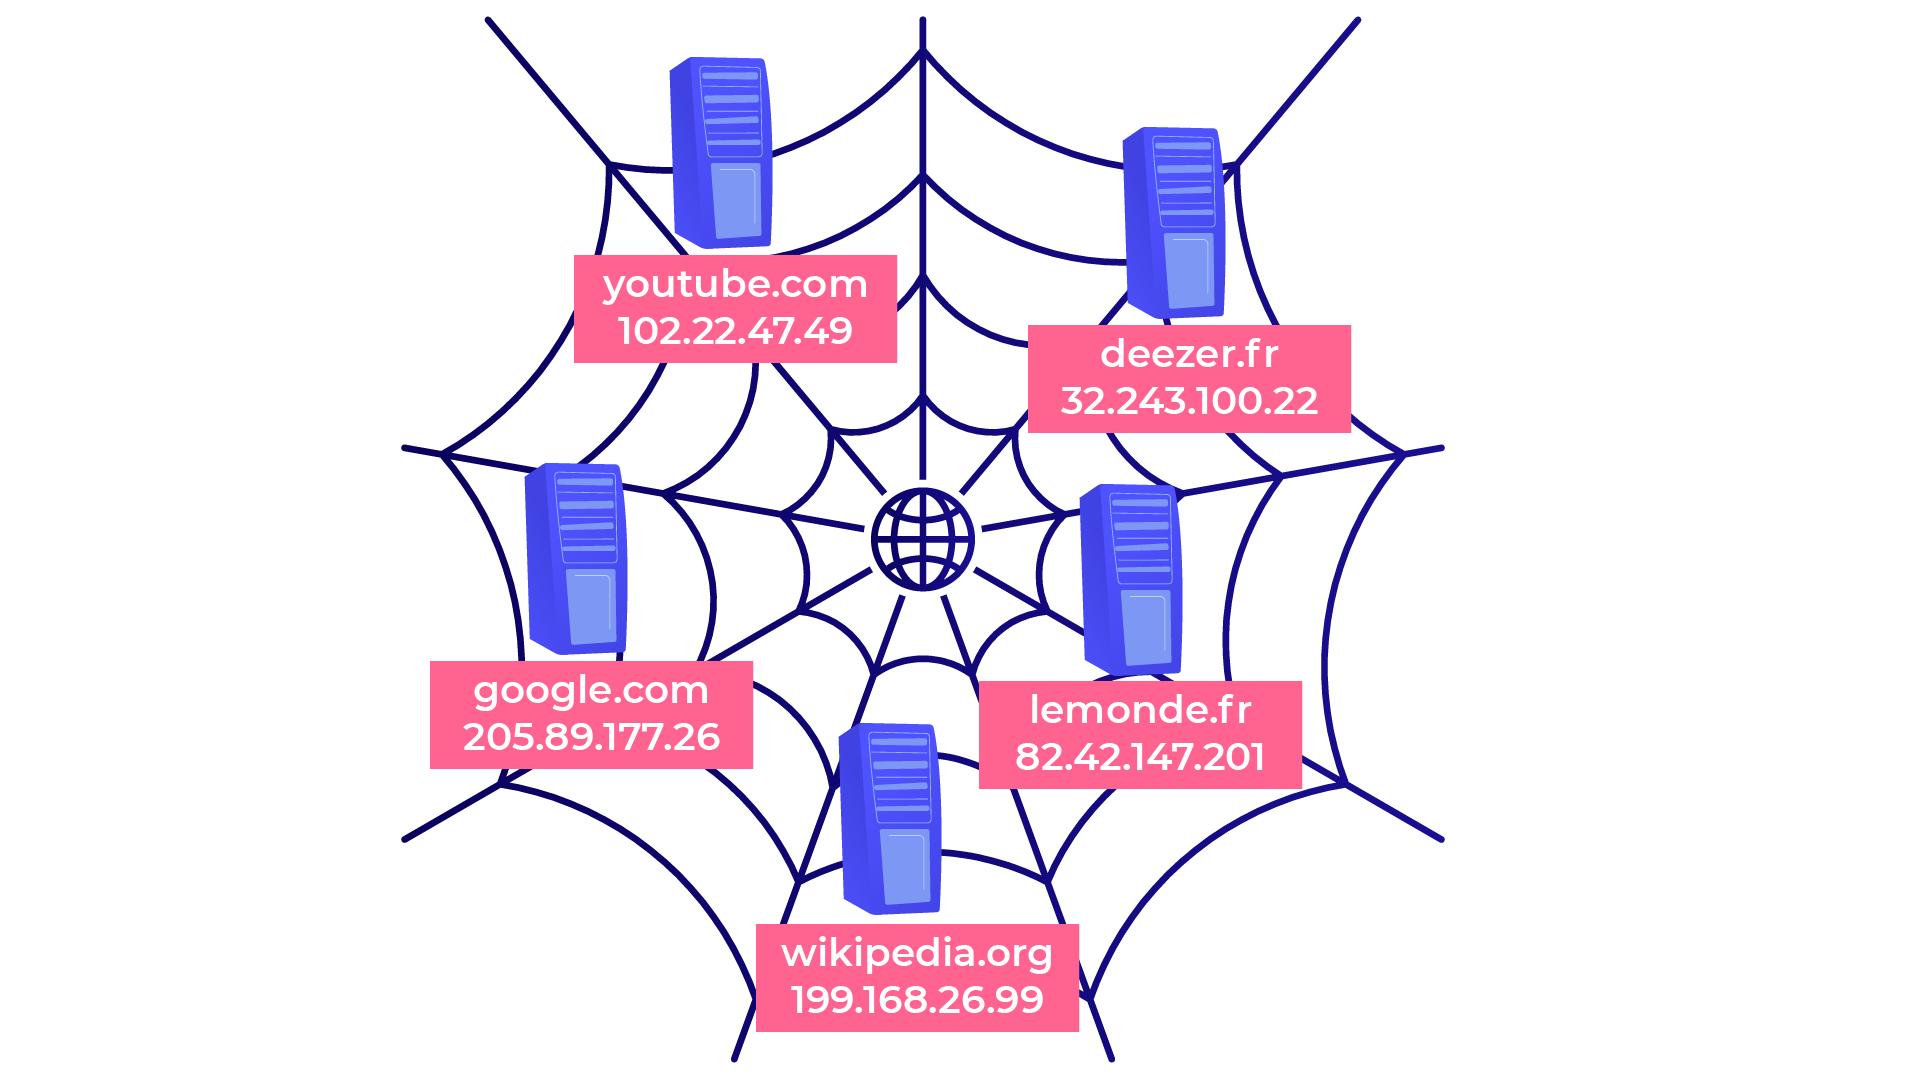 Les serveurs se situent aux croisement des fils de la toile. Ils sont associés à leur adresse IP et nom d'hôte.